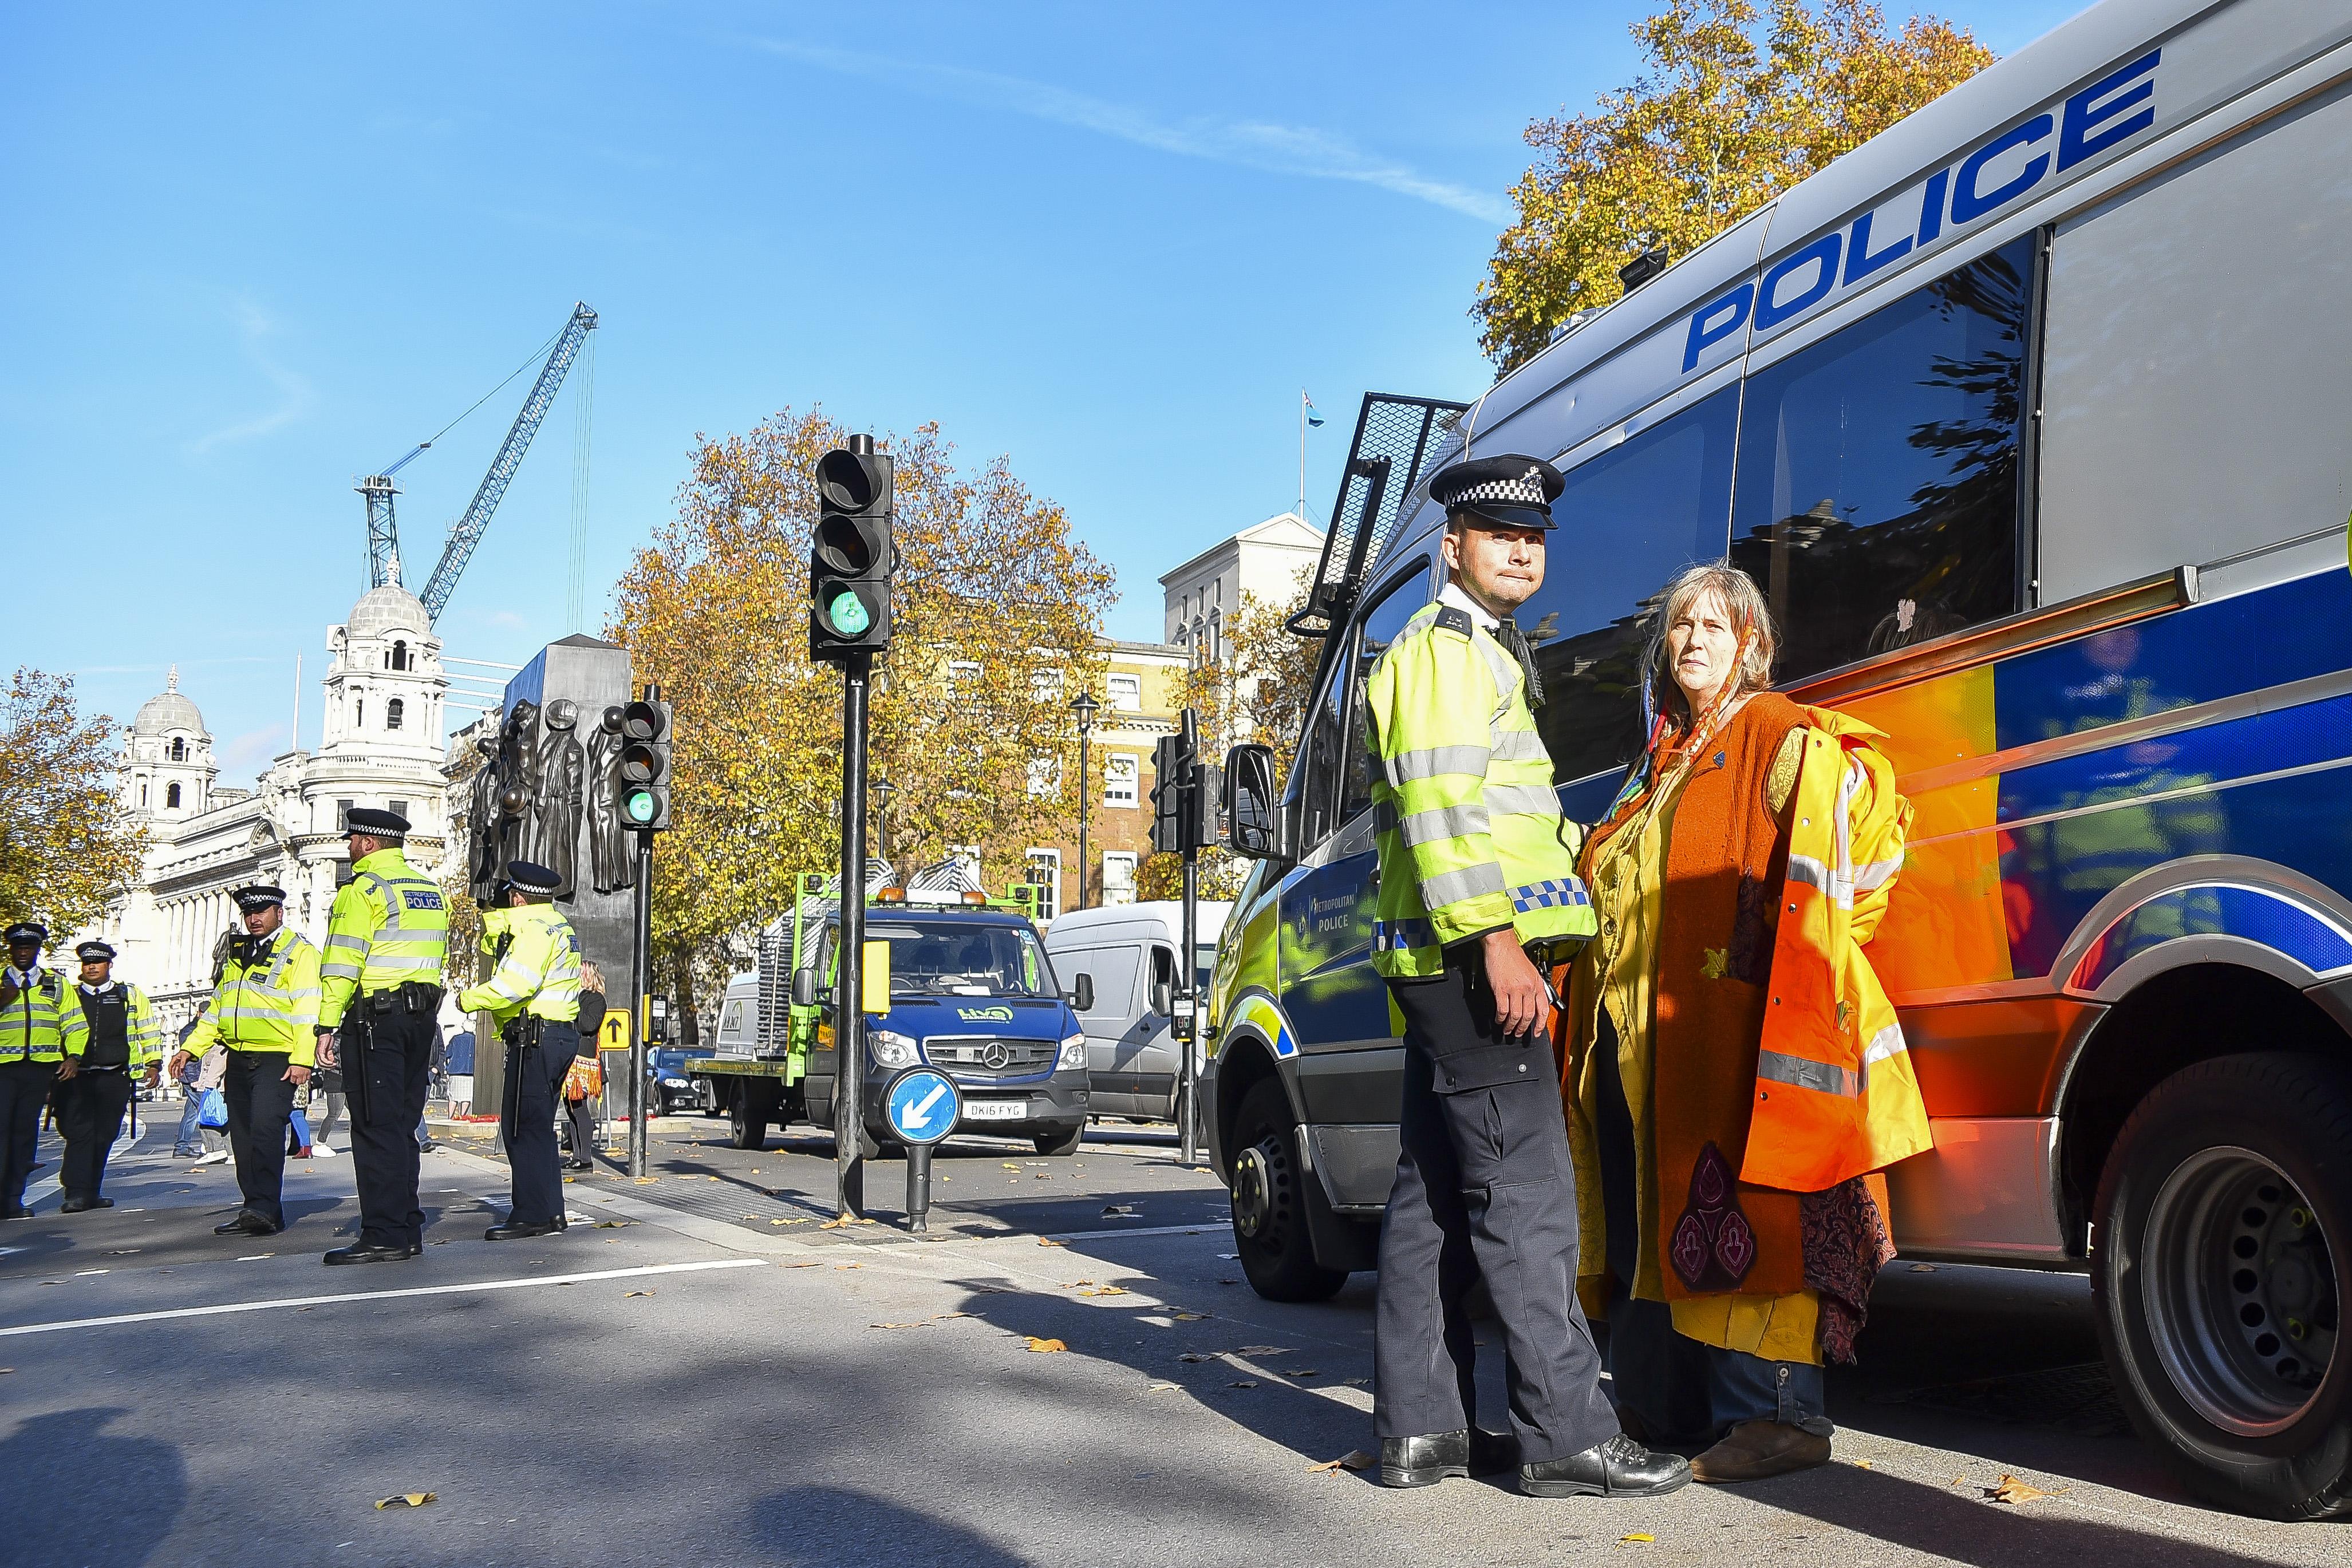 Négy különböző helyen négy embert késeltek meg Londonban szombat éjjel